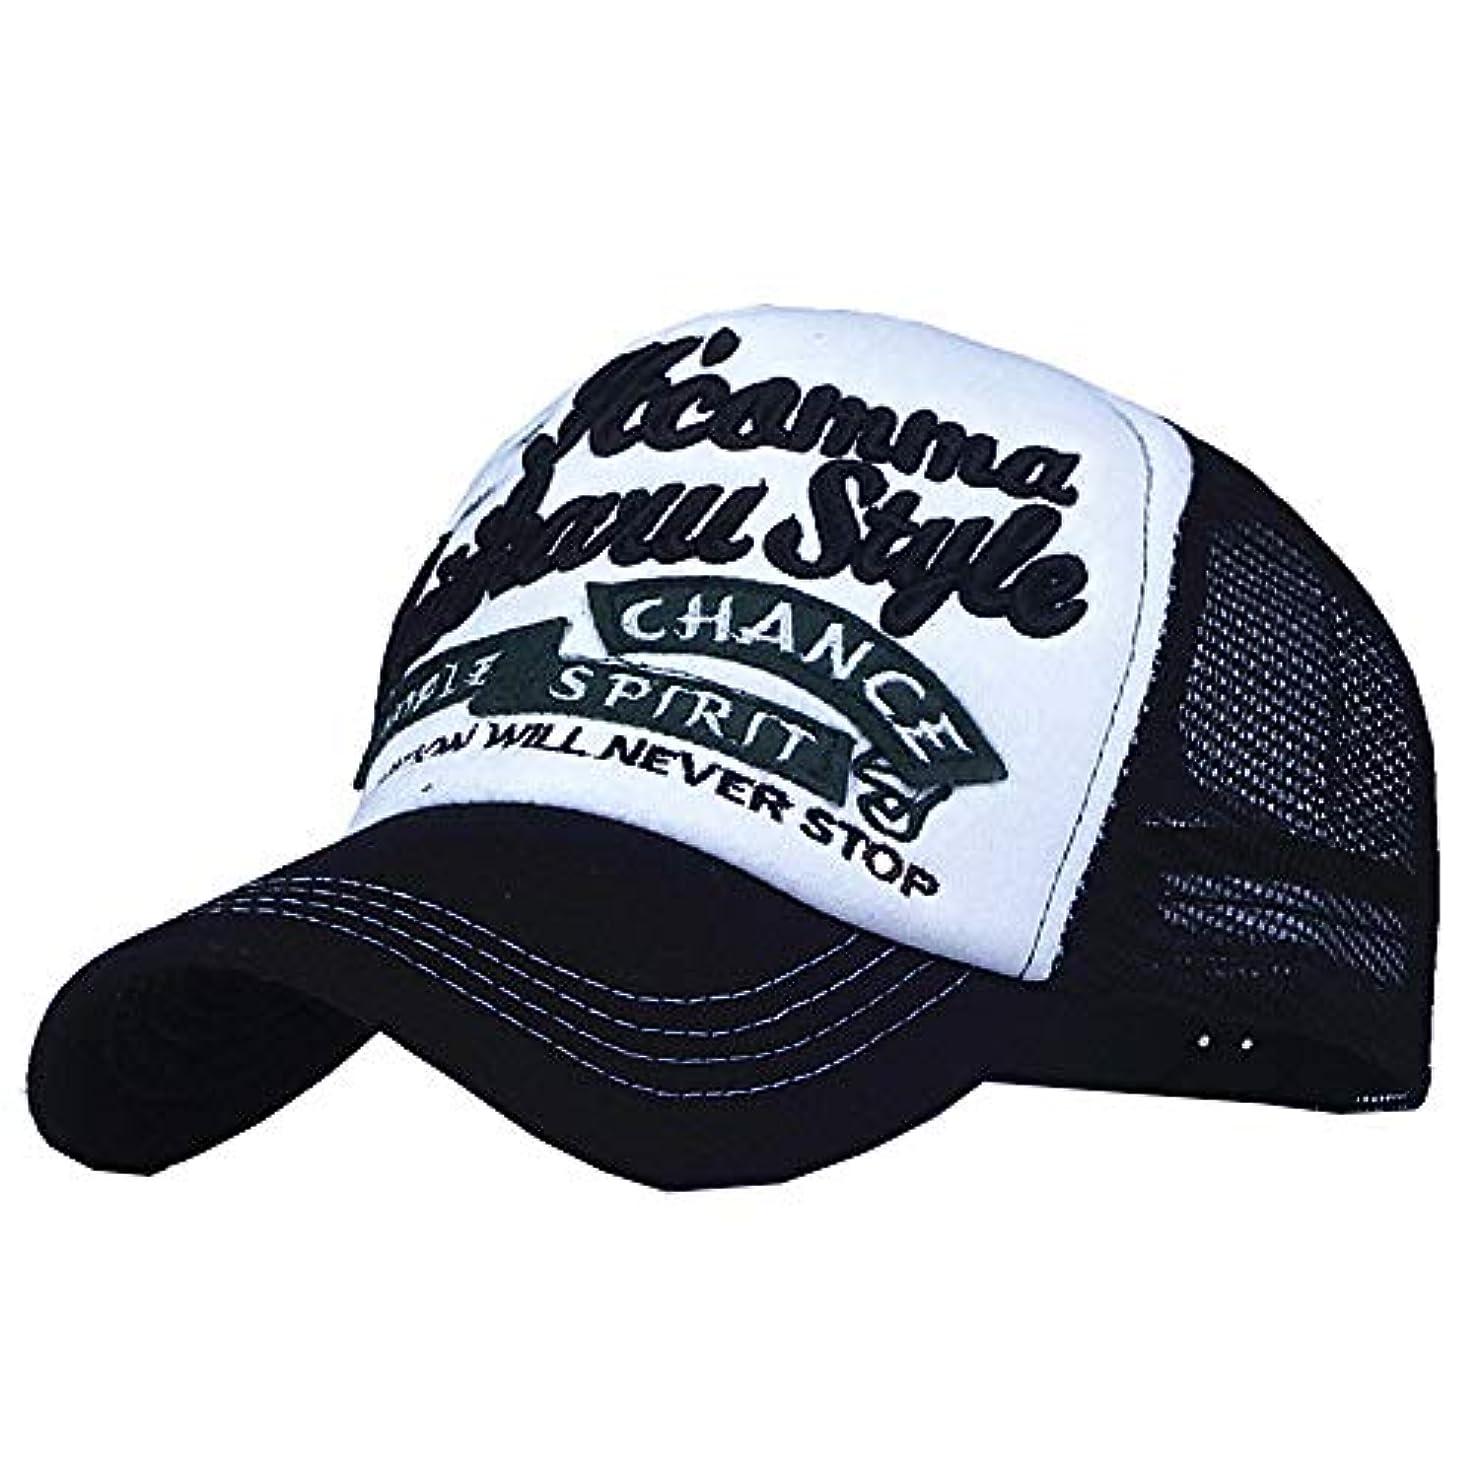 太い空気煙Racazing パッチワーク 野球帽 ヒップホップ メンズ 夏 登山 帽子メッシュ 可調整可能 プラスベルベット 棒球帽 UV 帽子 軽量 屋外 Unisex 鸭舌帽 Hat Cap